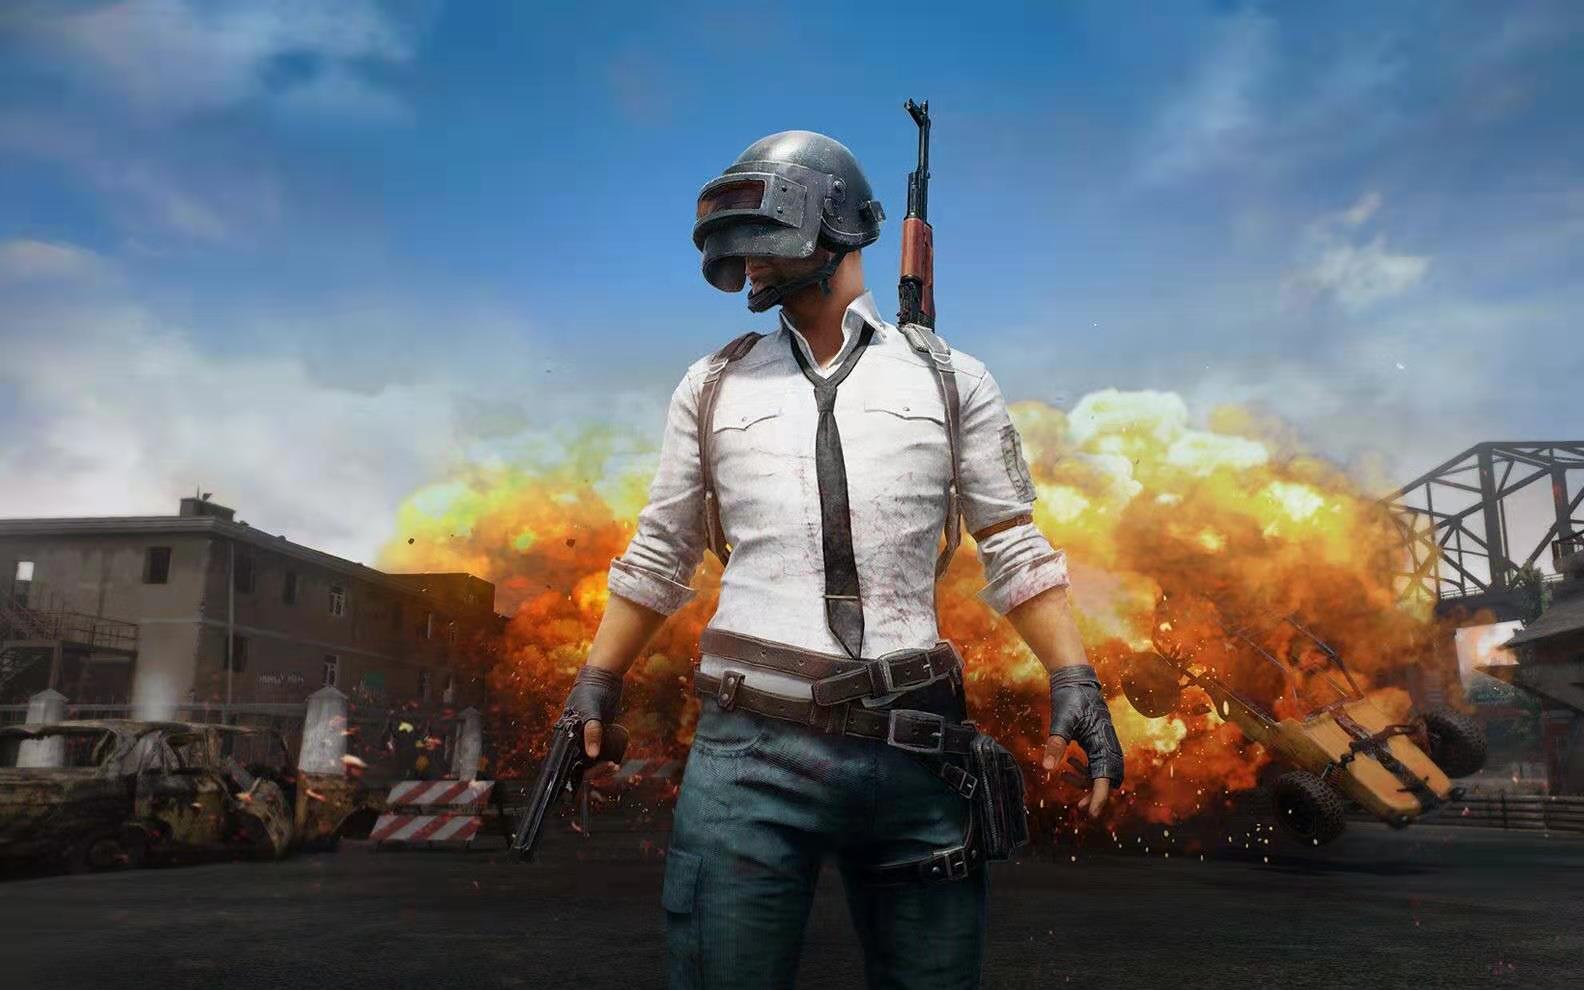 腾讯希望收购一家大型游戏公司,目前筹集数十亿美元 数码科技 第4张